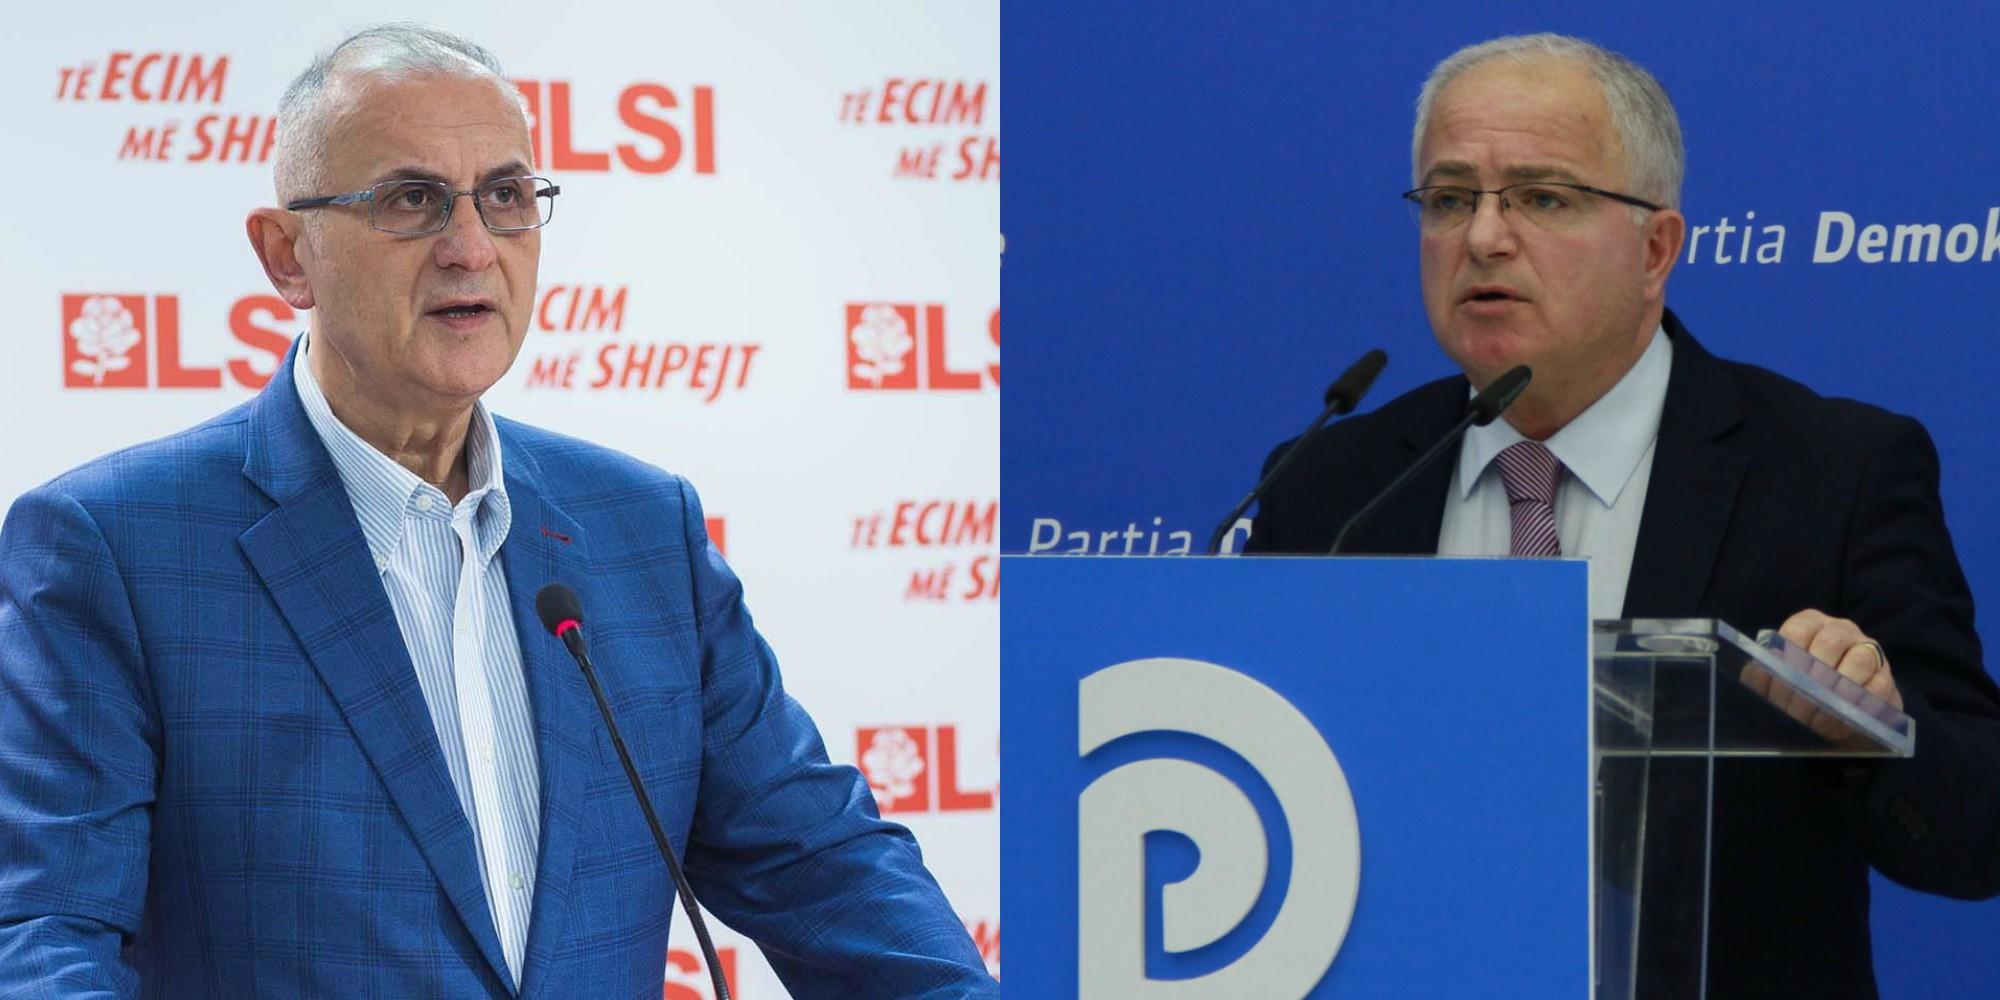 Audio-përgjimi i vëllait të Xhafajt, PD dhe LSI kallëzojnë Ramën tek Krimet e Rënda